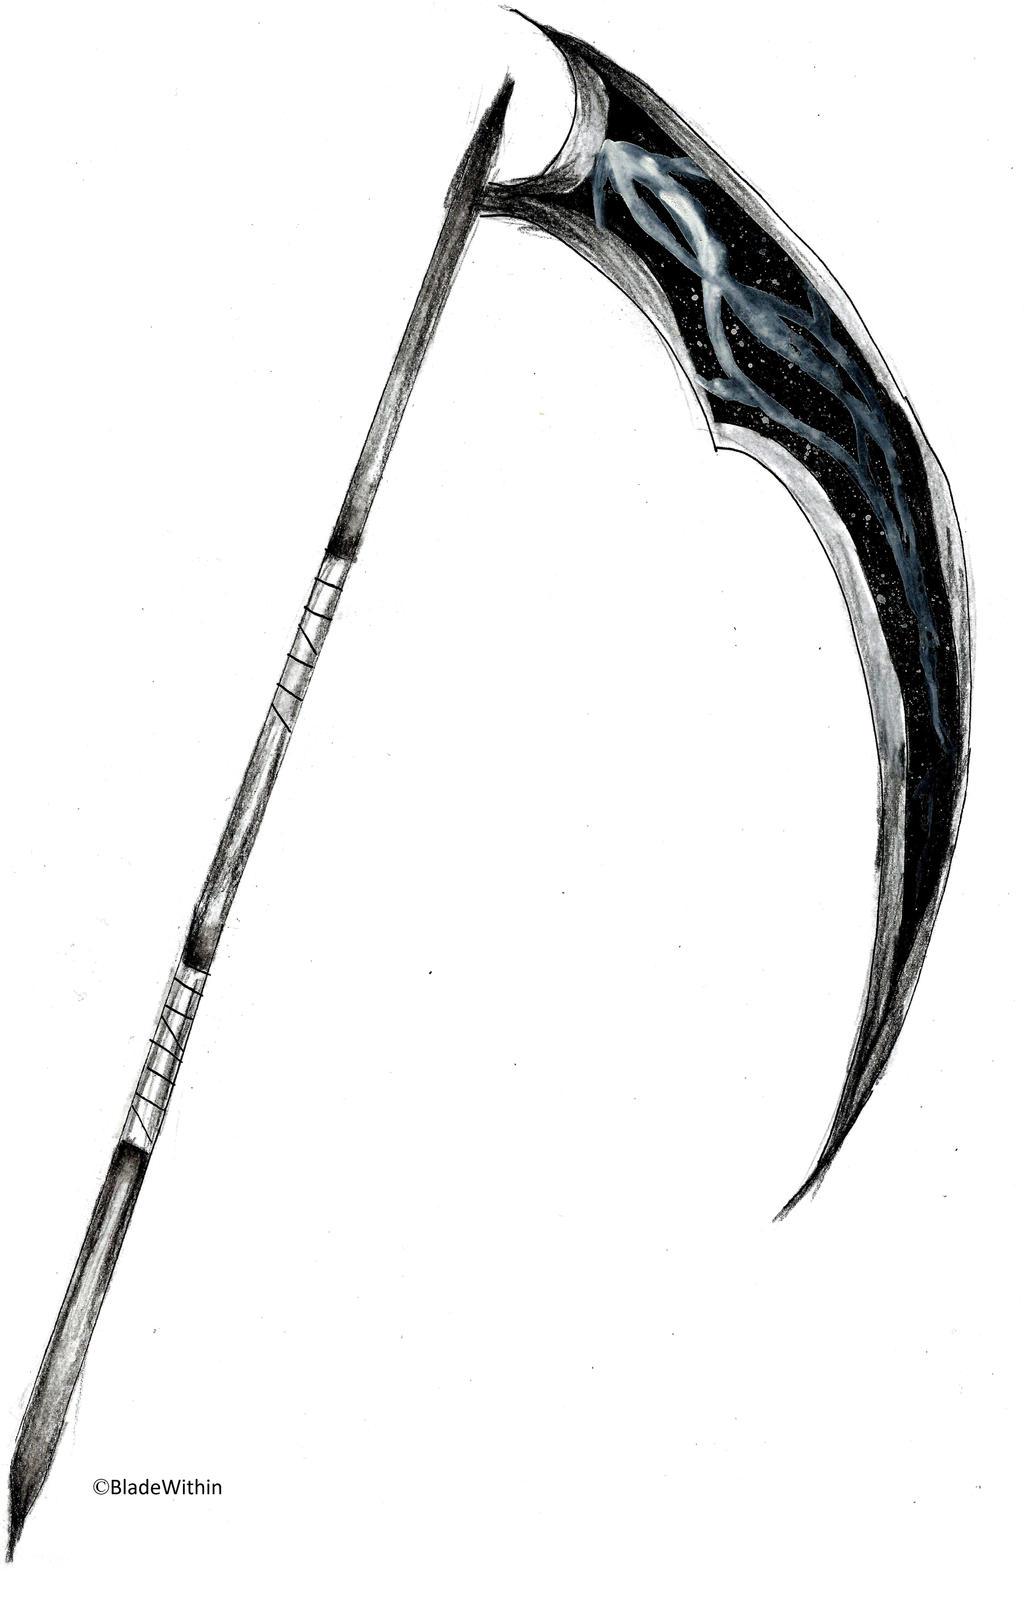 death weapon scythe - photo #32